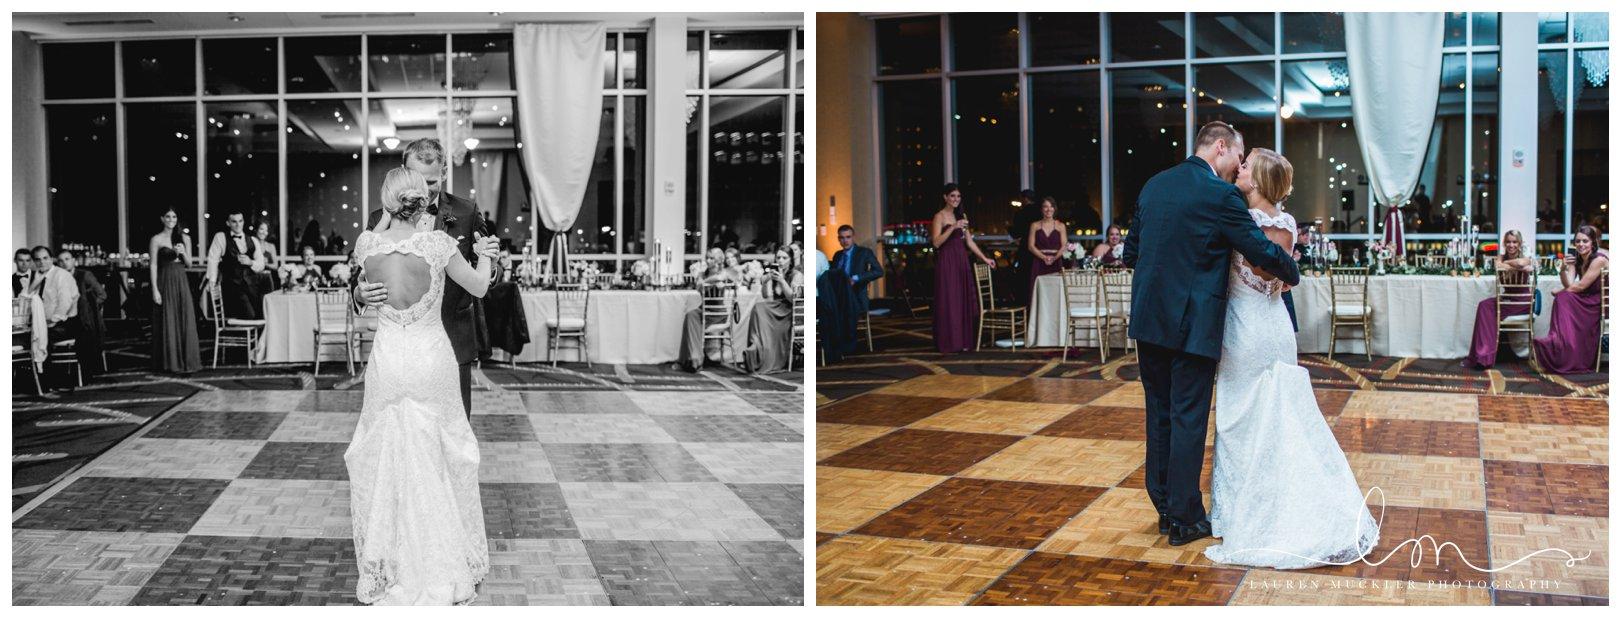 lauren muckler photography_fine art film wedding photography_st louis_photography_0830.jpg